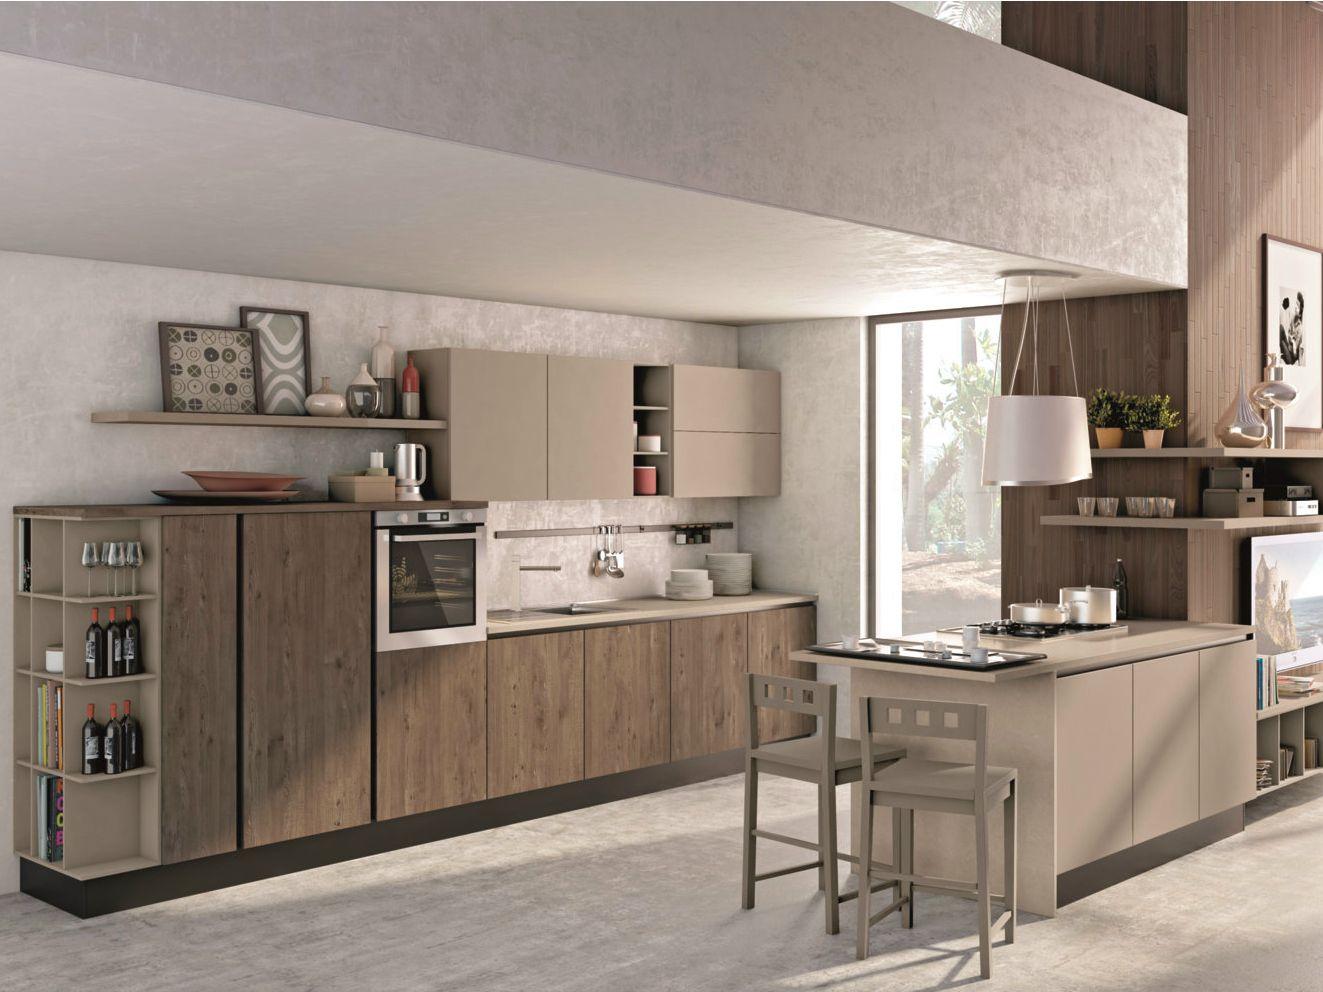 Cucina componibile con penisola senza maniglie kyra neck by creo kitchens by lube - In cucina con pippo de agostini ...